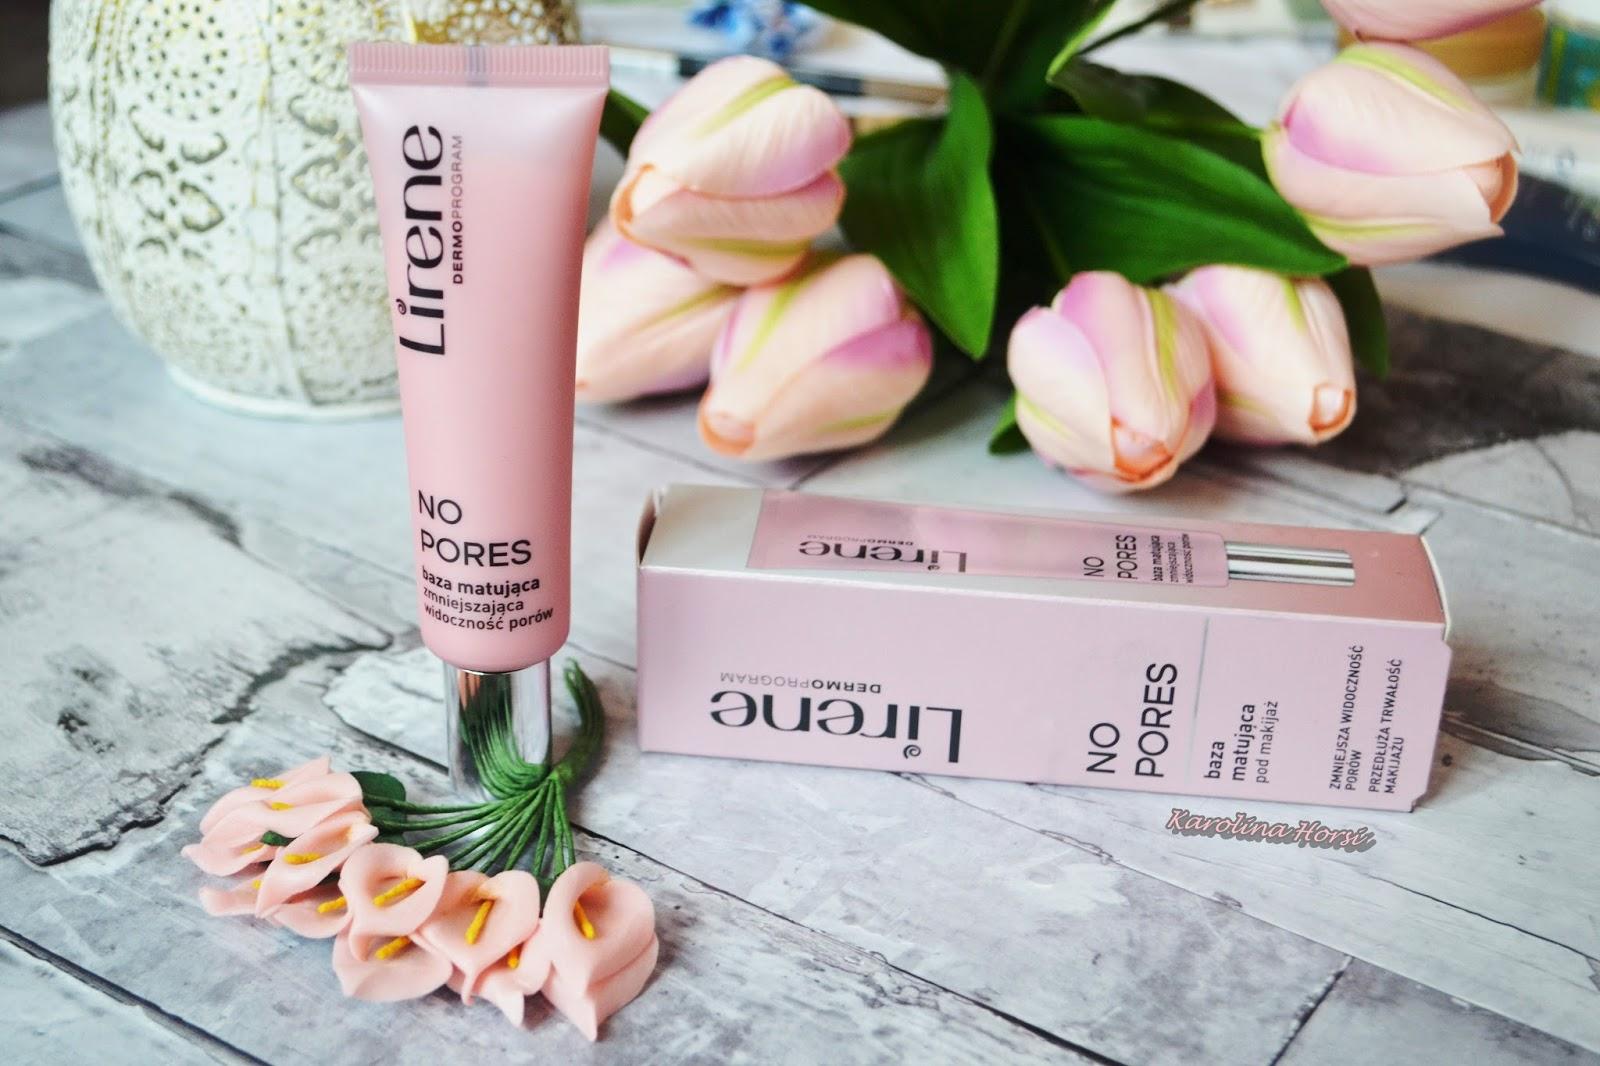 Lirene, No pores, baza matująca pod makijaż - szybki sposób na matową skórę przez cały dzień!